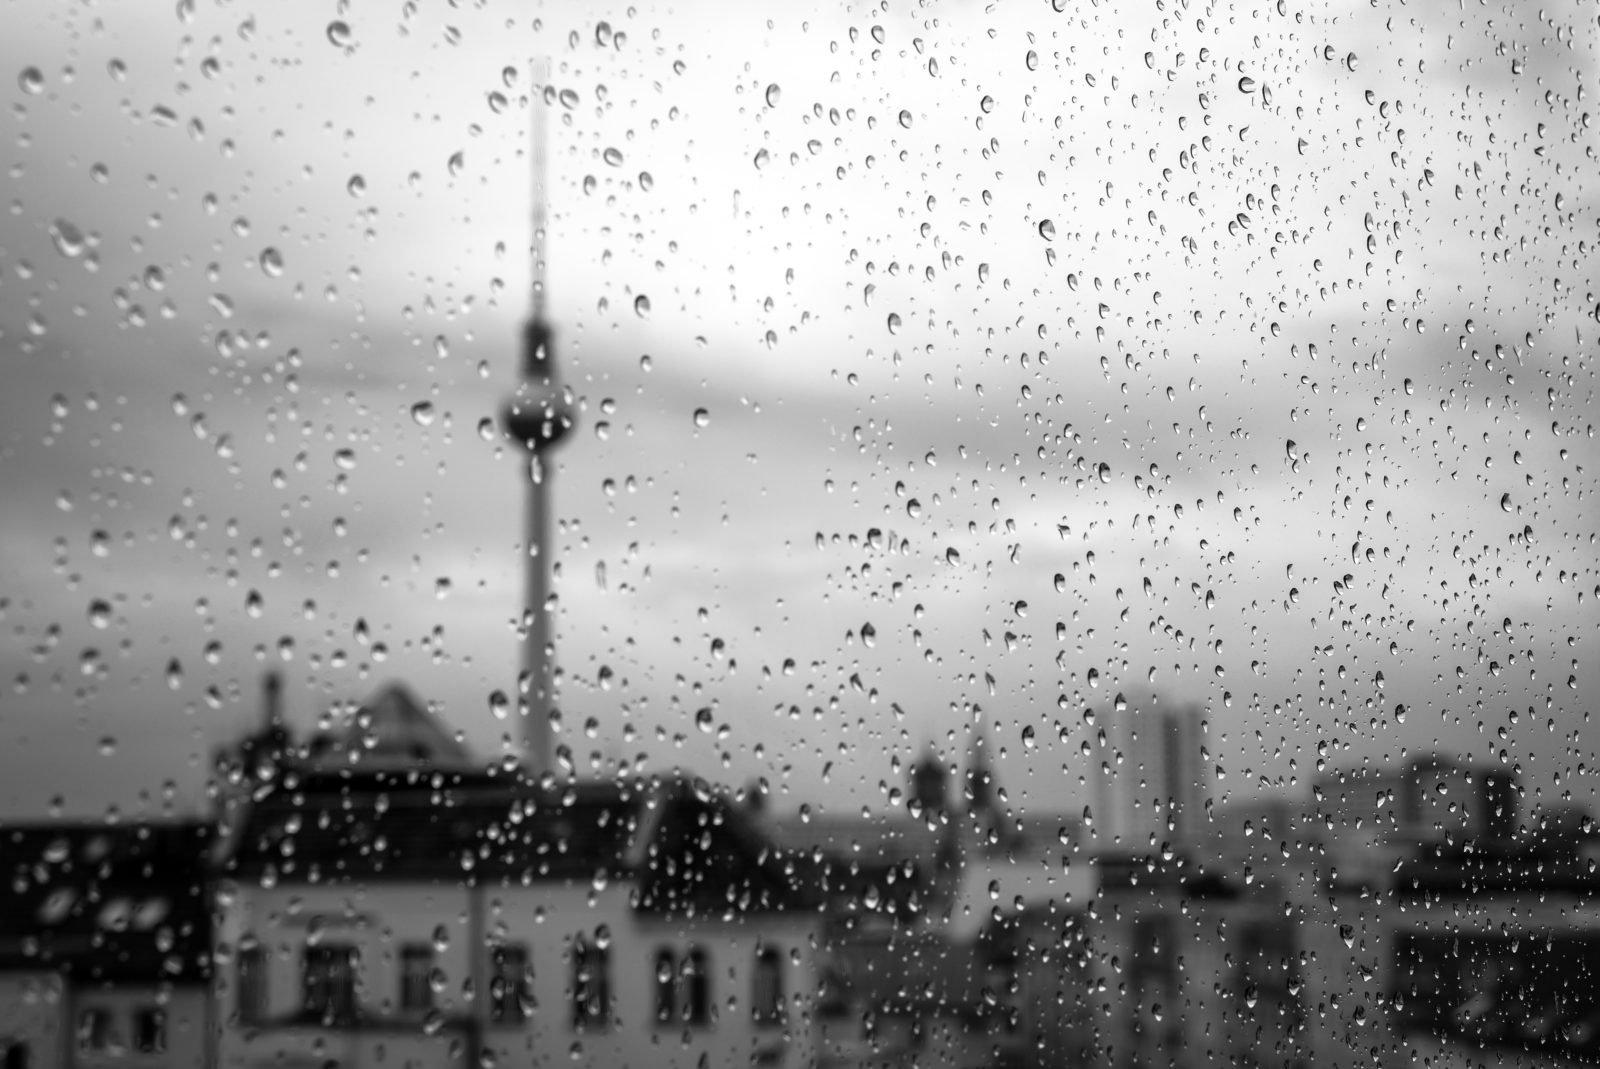 Regnerisches Wetter - Regentropfen laufen eine Fensterscheibe hinunter. Im Hintergrund ist der Berliner Fernsehturm zu sehen.